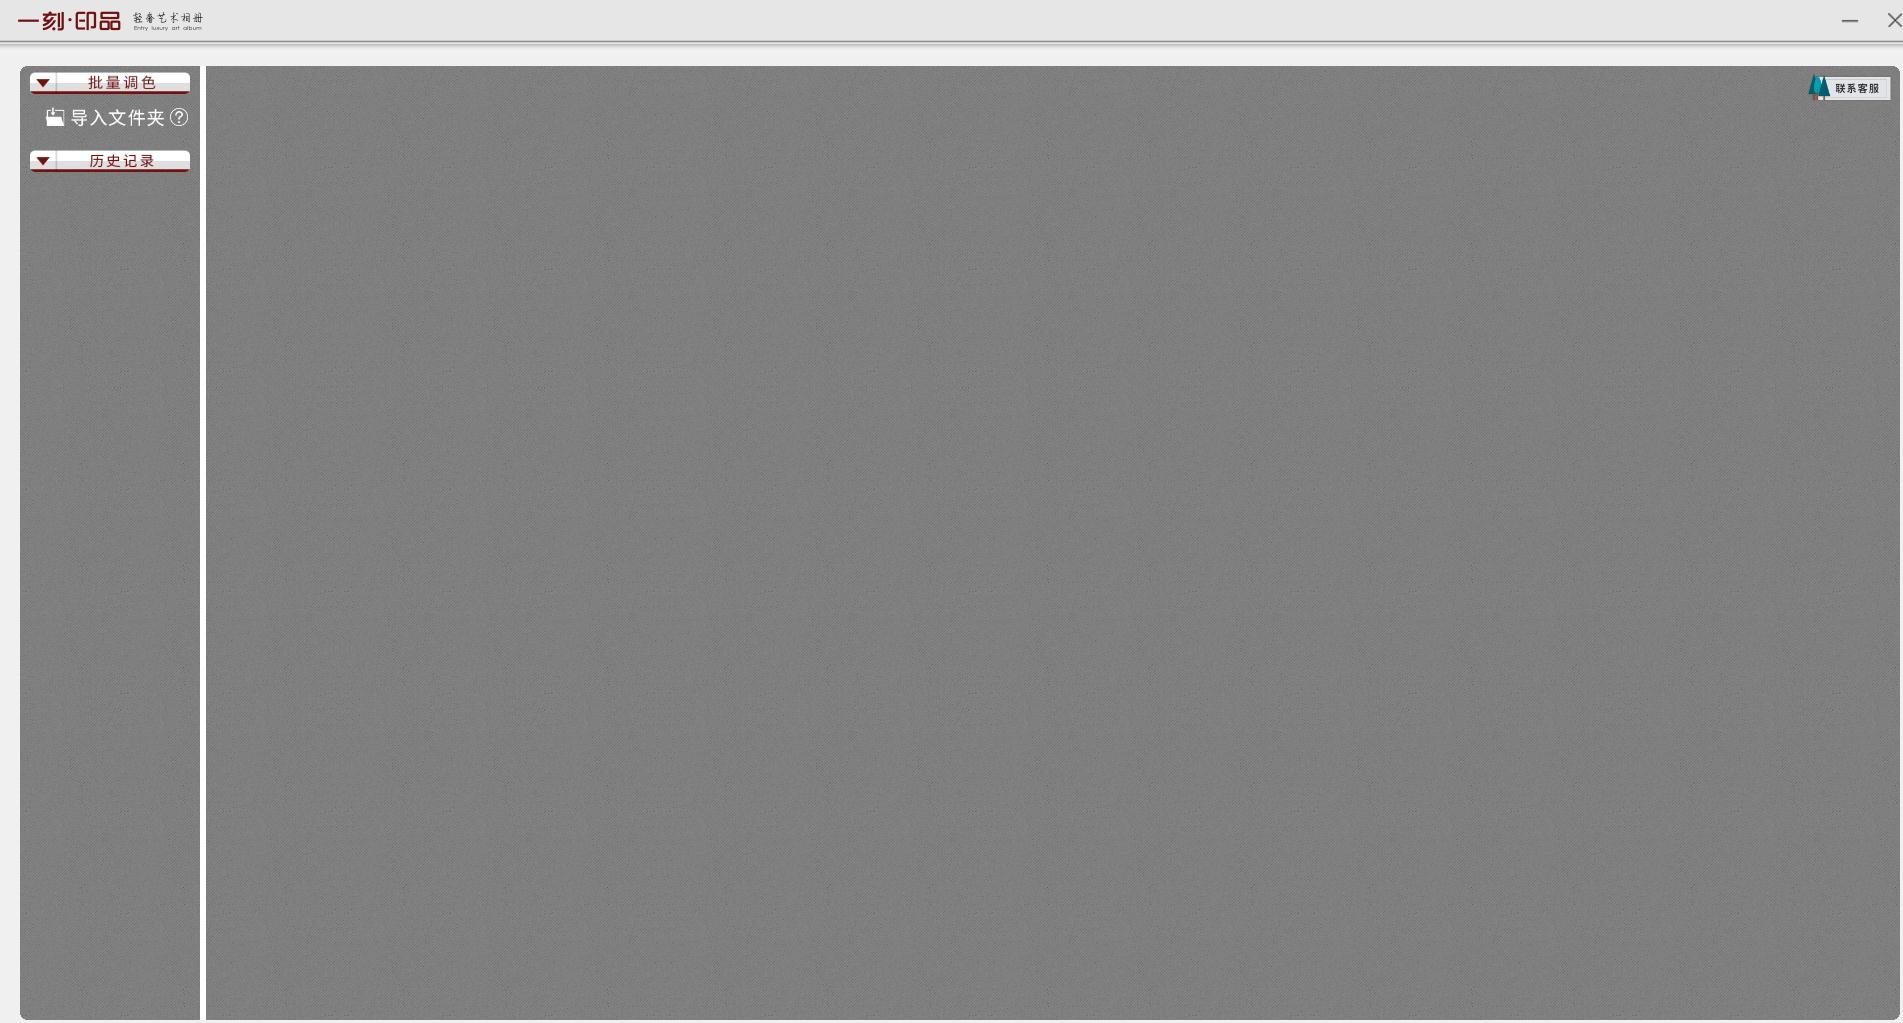 一刻印品自动调色工具下载_一刻印品自动调色工具 V2.4.6 绿色安装版 工具